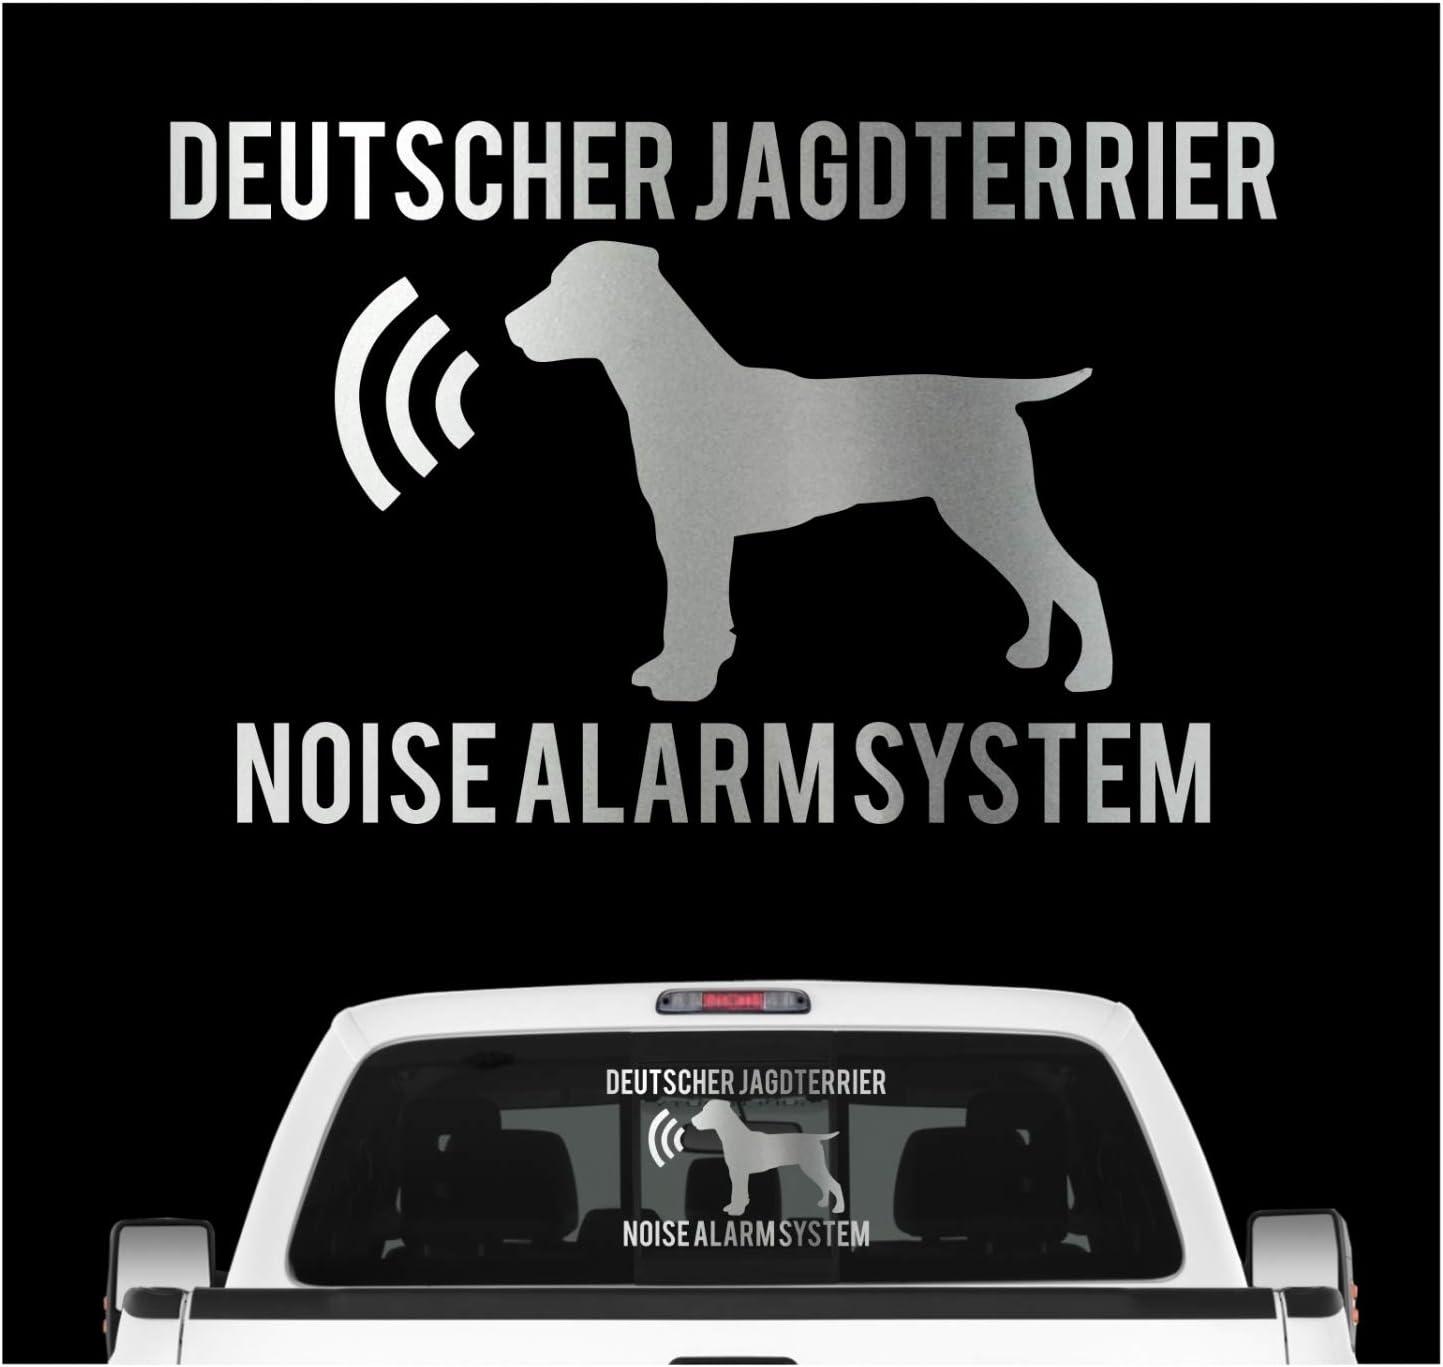 Siviwonder Deutscher Jagdterrier Noise Alarmsystem Auto Aufkleber Hund Folie Djt German Farbe Silber Metallic Größe 10cm Auto